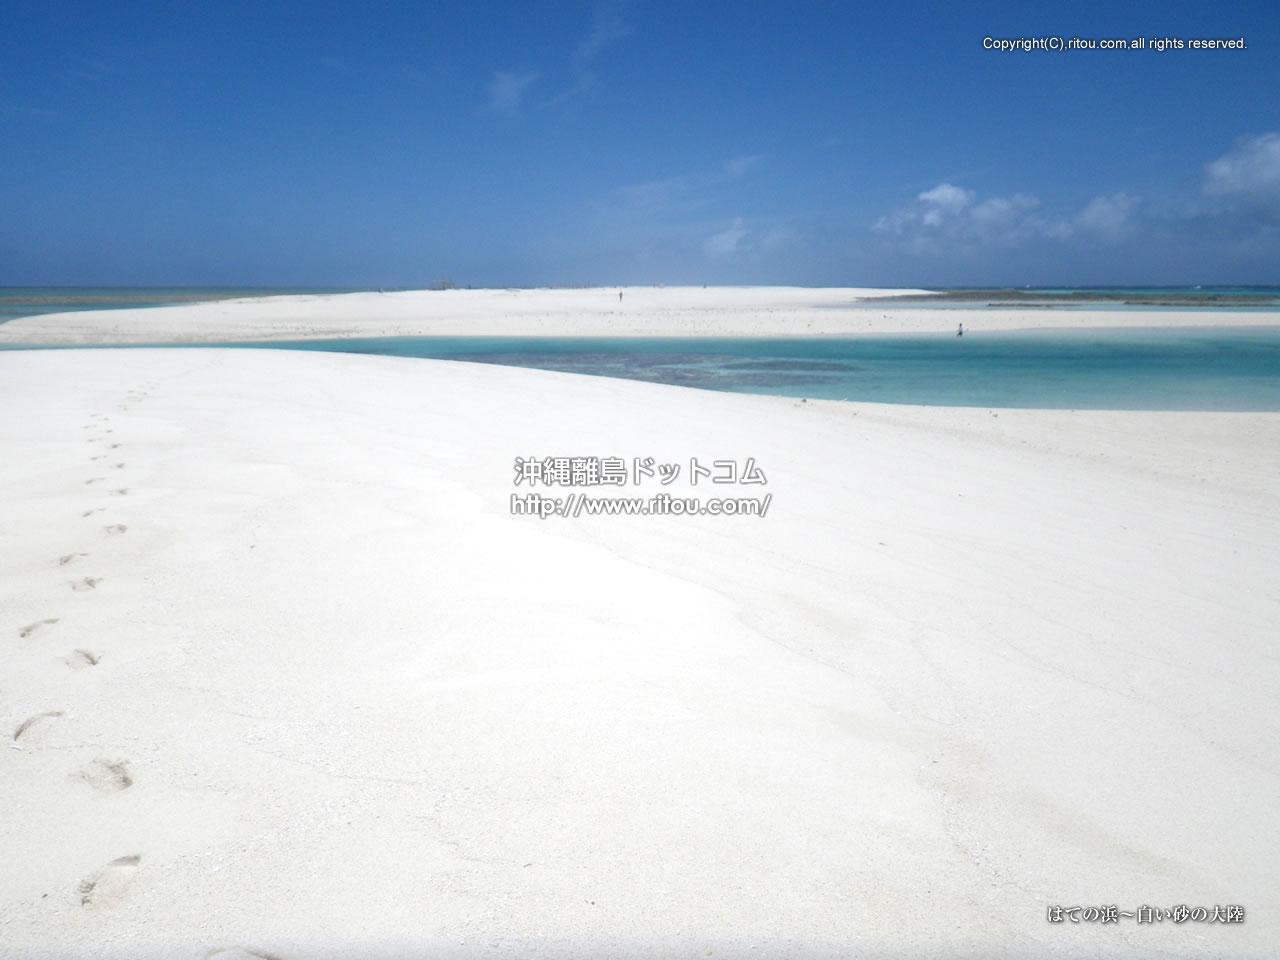 はての浜〜白い砂の大陸